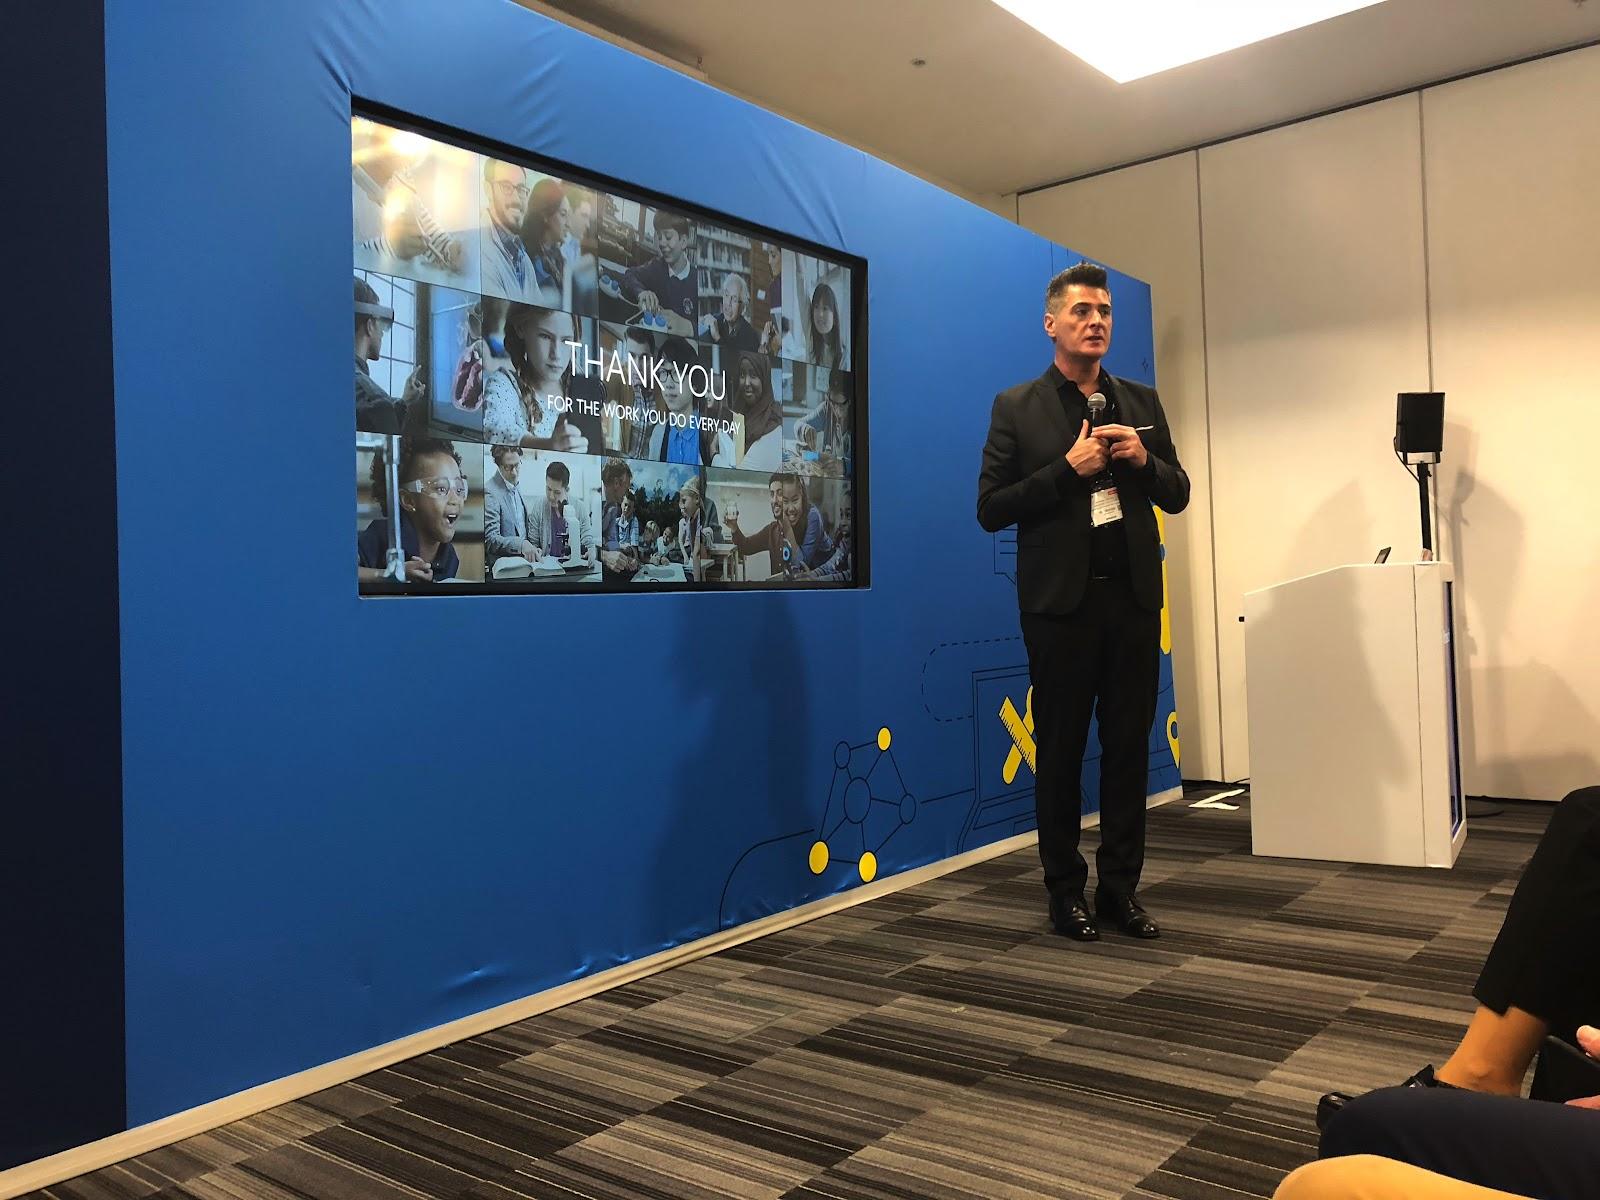 Anthony Salcito dando la bienvenida a los Global trainers en el Bett. A partir de ahora serán clave para la introducción de las herramientas de Microsoft en los centros educativos.